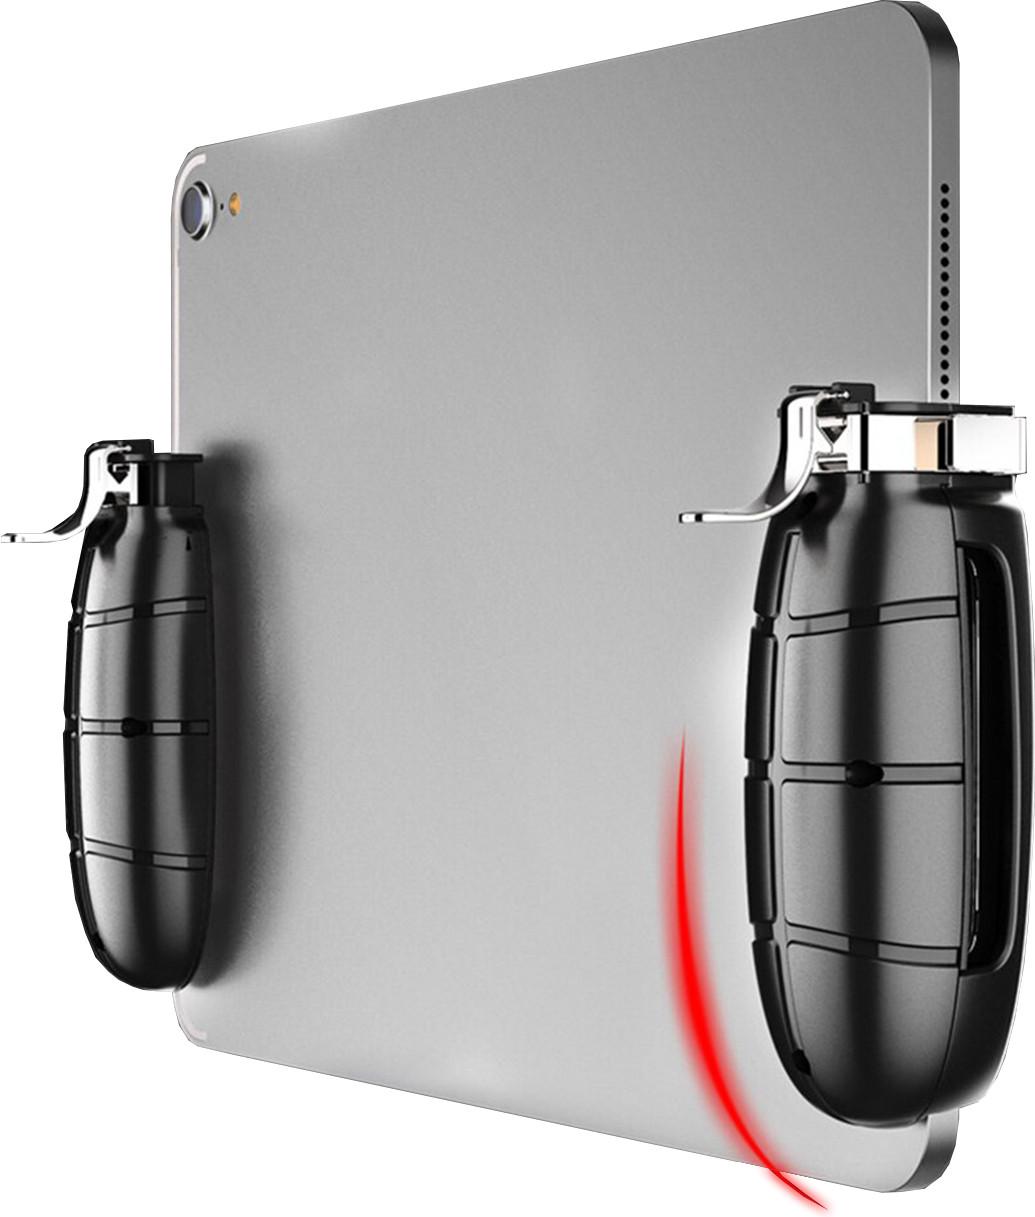 Игровой триггер для планшета Lesko AK-Pad для PUBG Seuno игровой контроллер огонь цель кнопка